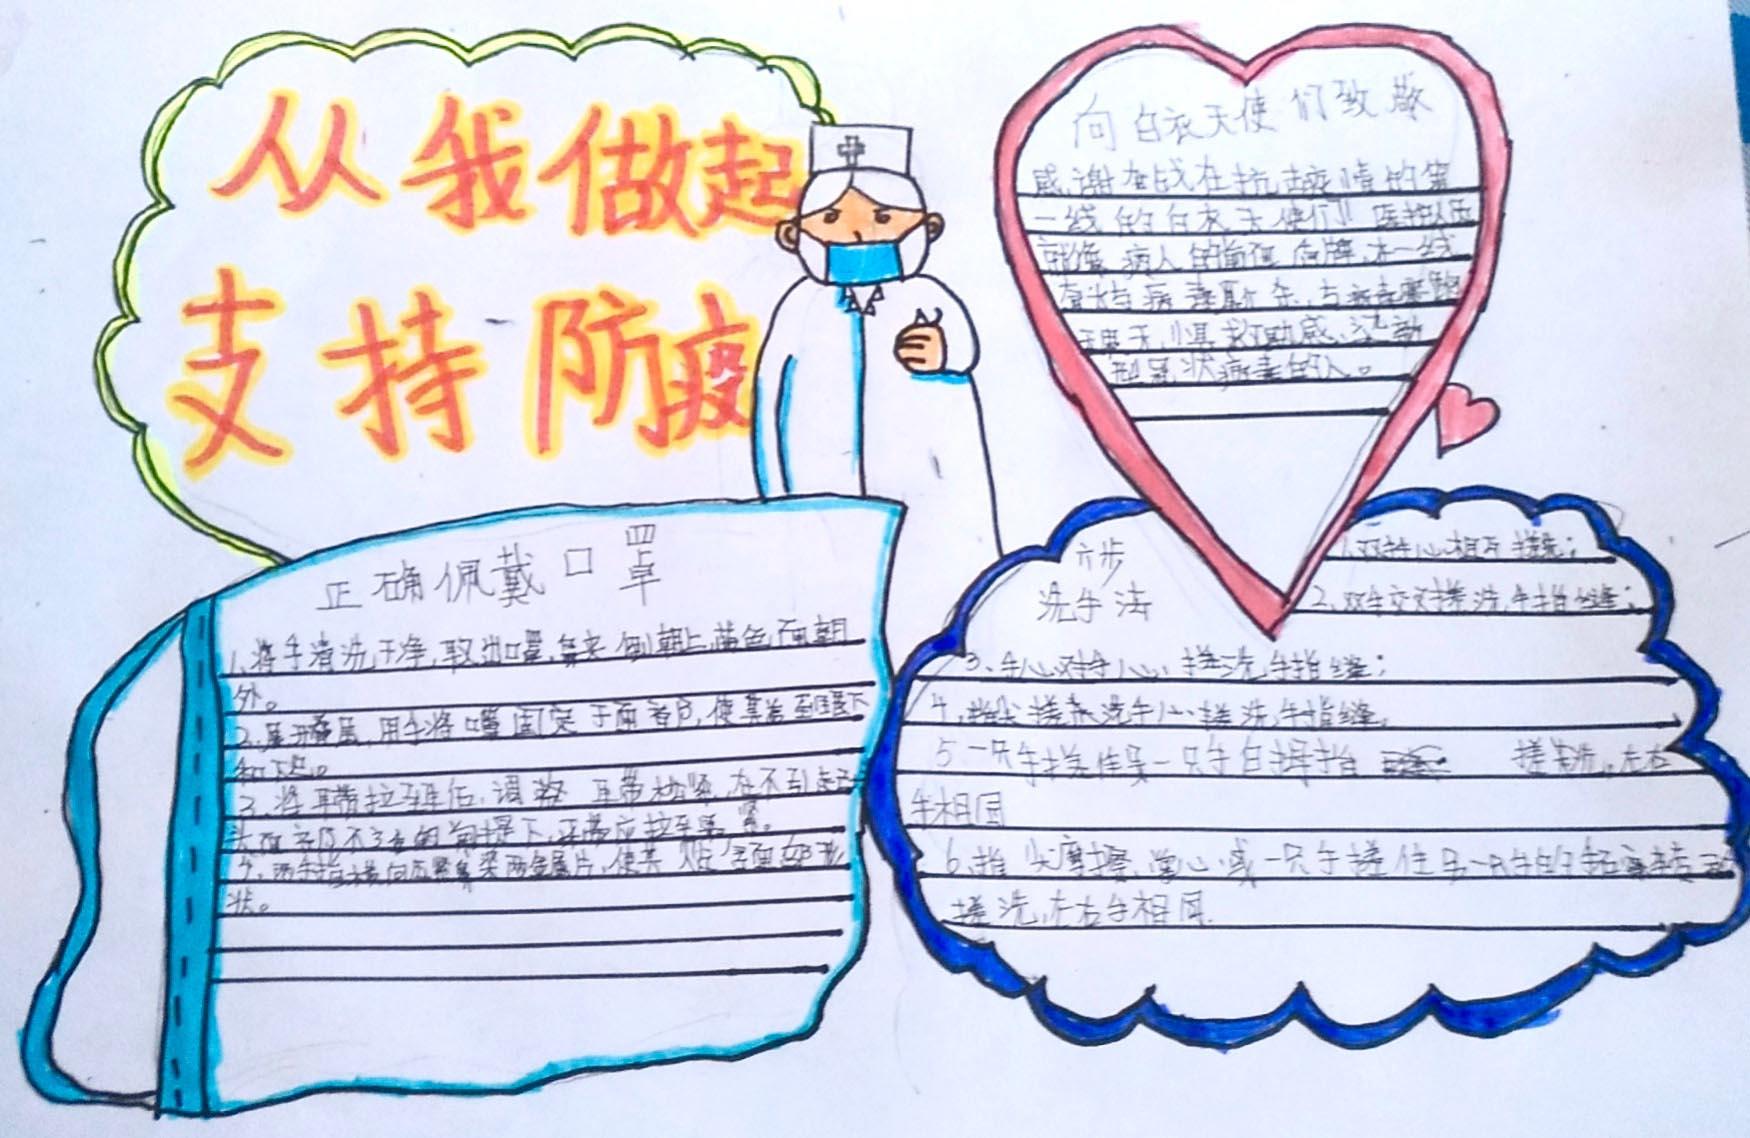 2020为武汉加油的手抄报_预防疾病手抄报简单又漂亮